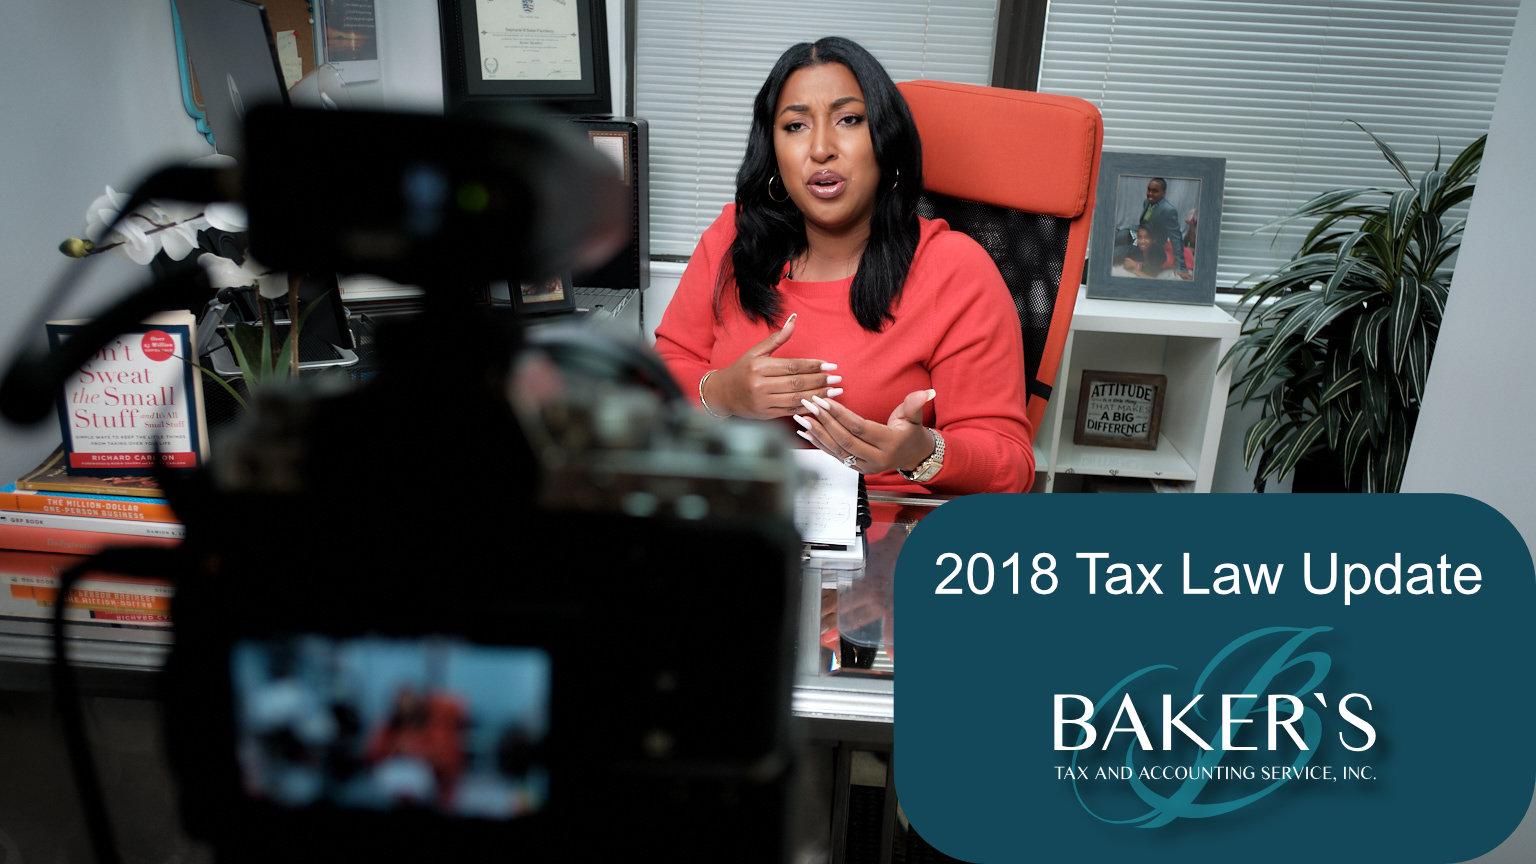 2018 Tax Law Update Thumbnail